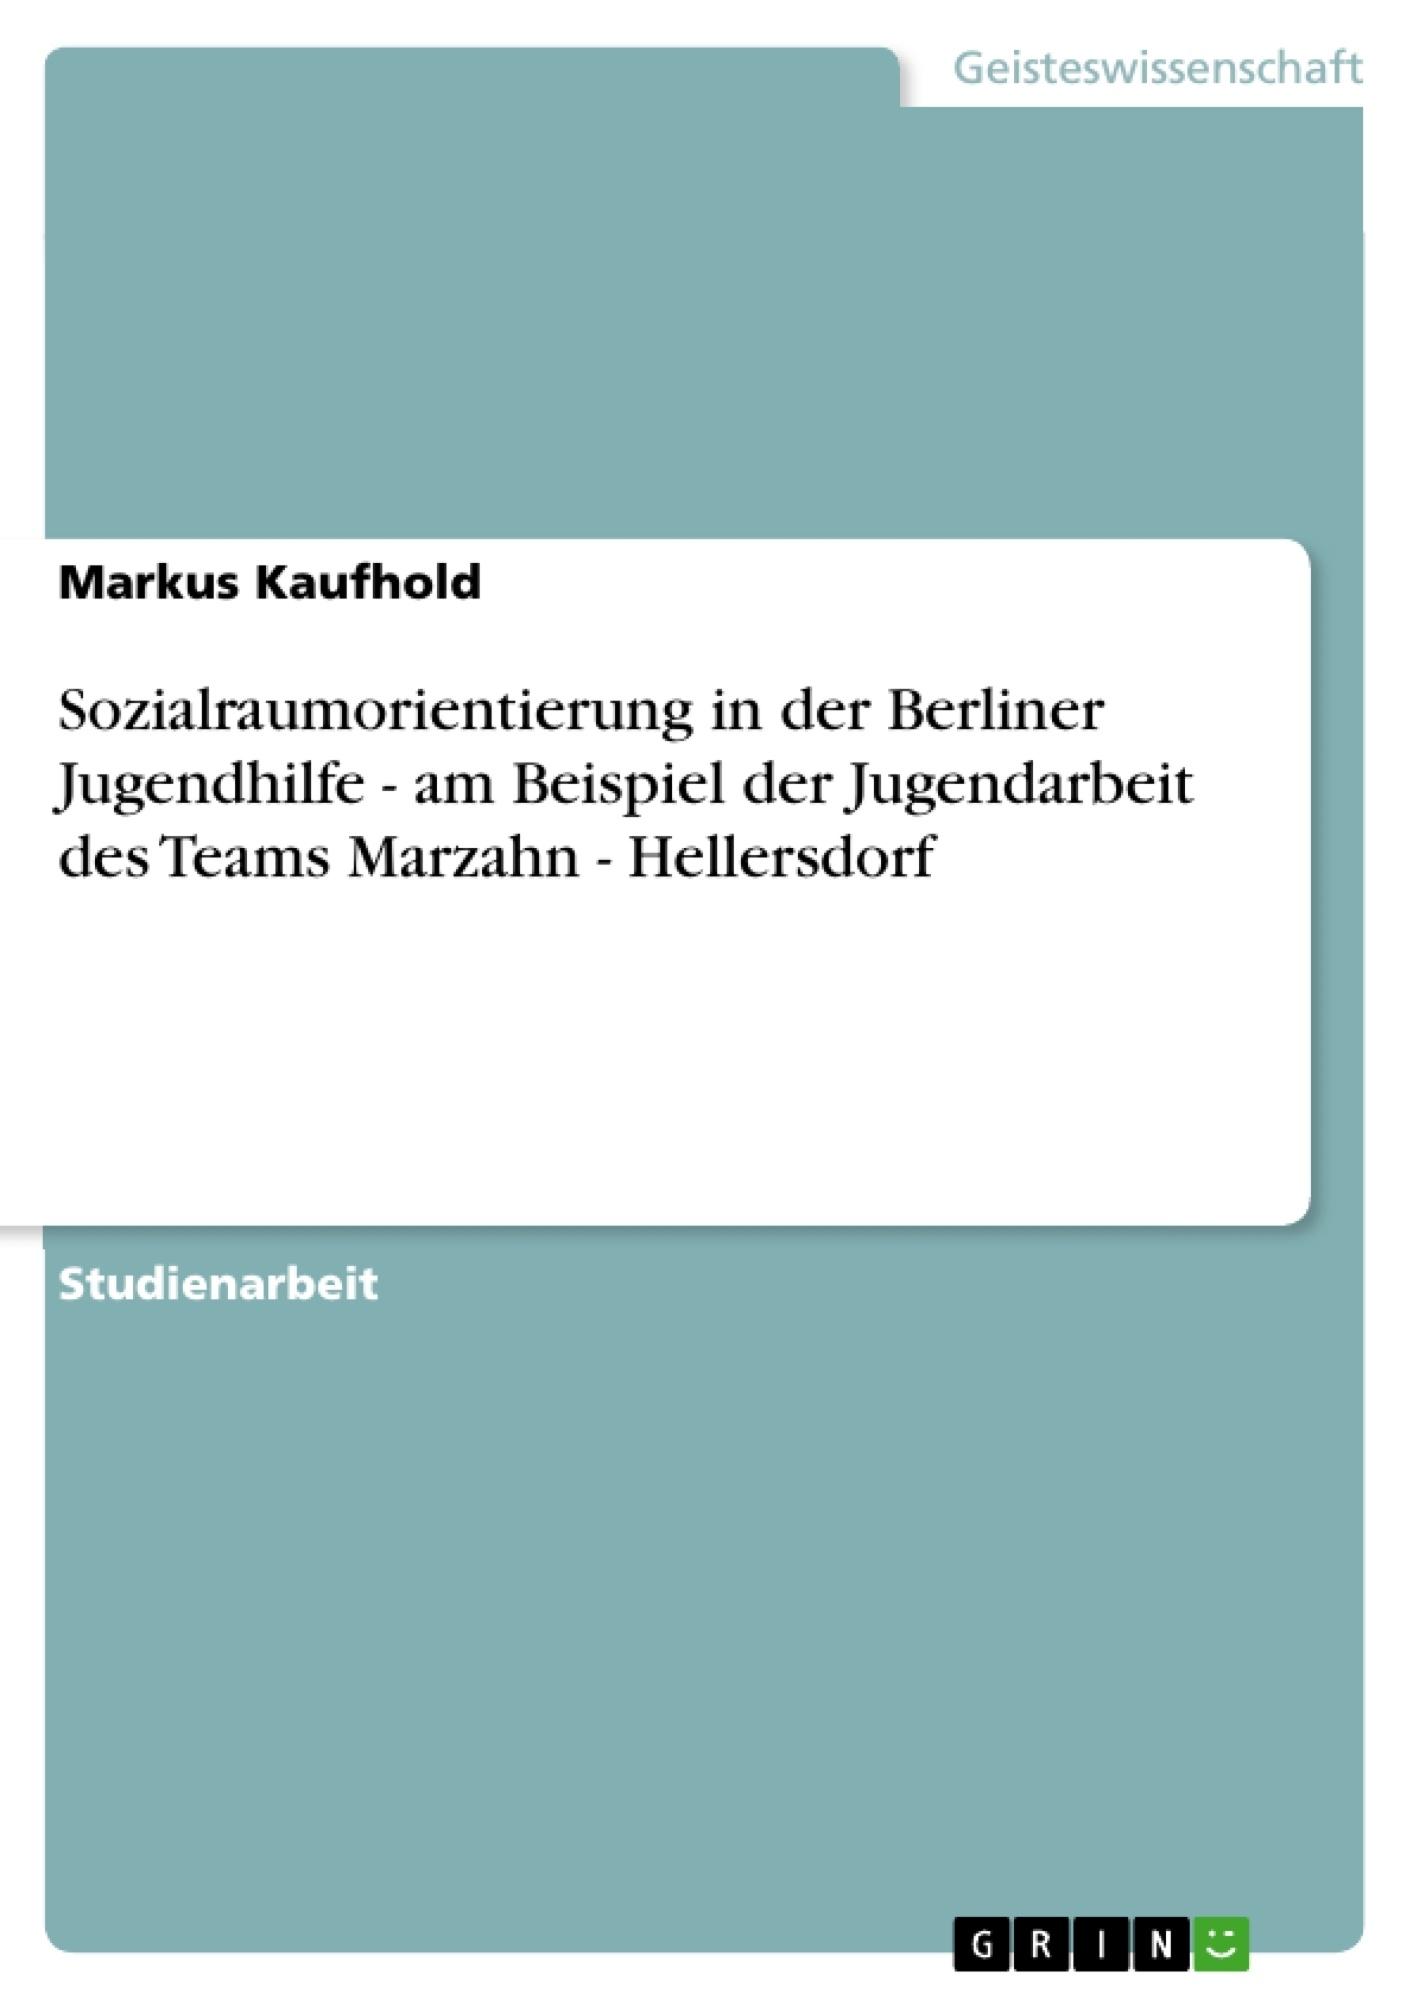 Titel: Sozialraumorientierung in der Berliner Jugendhilfe - am Beispiel der Jugendarbeit des  Teams Marzahn - Hellersdorf